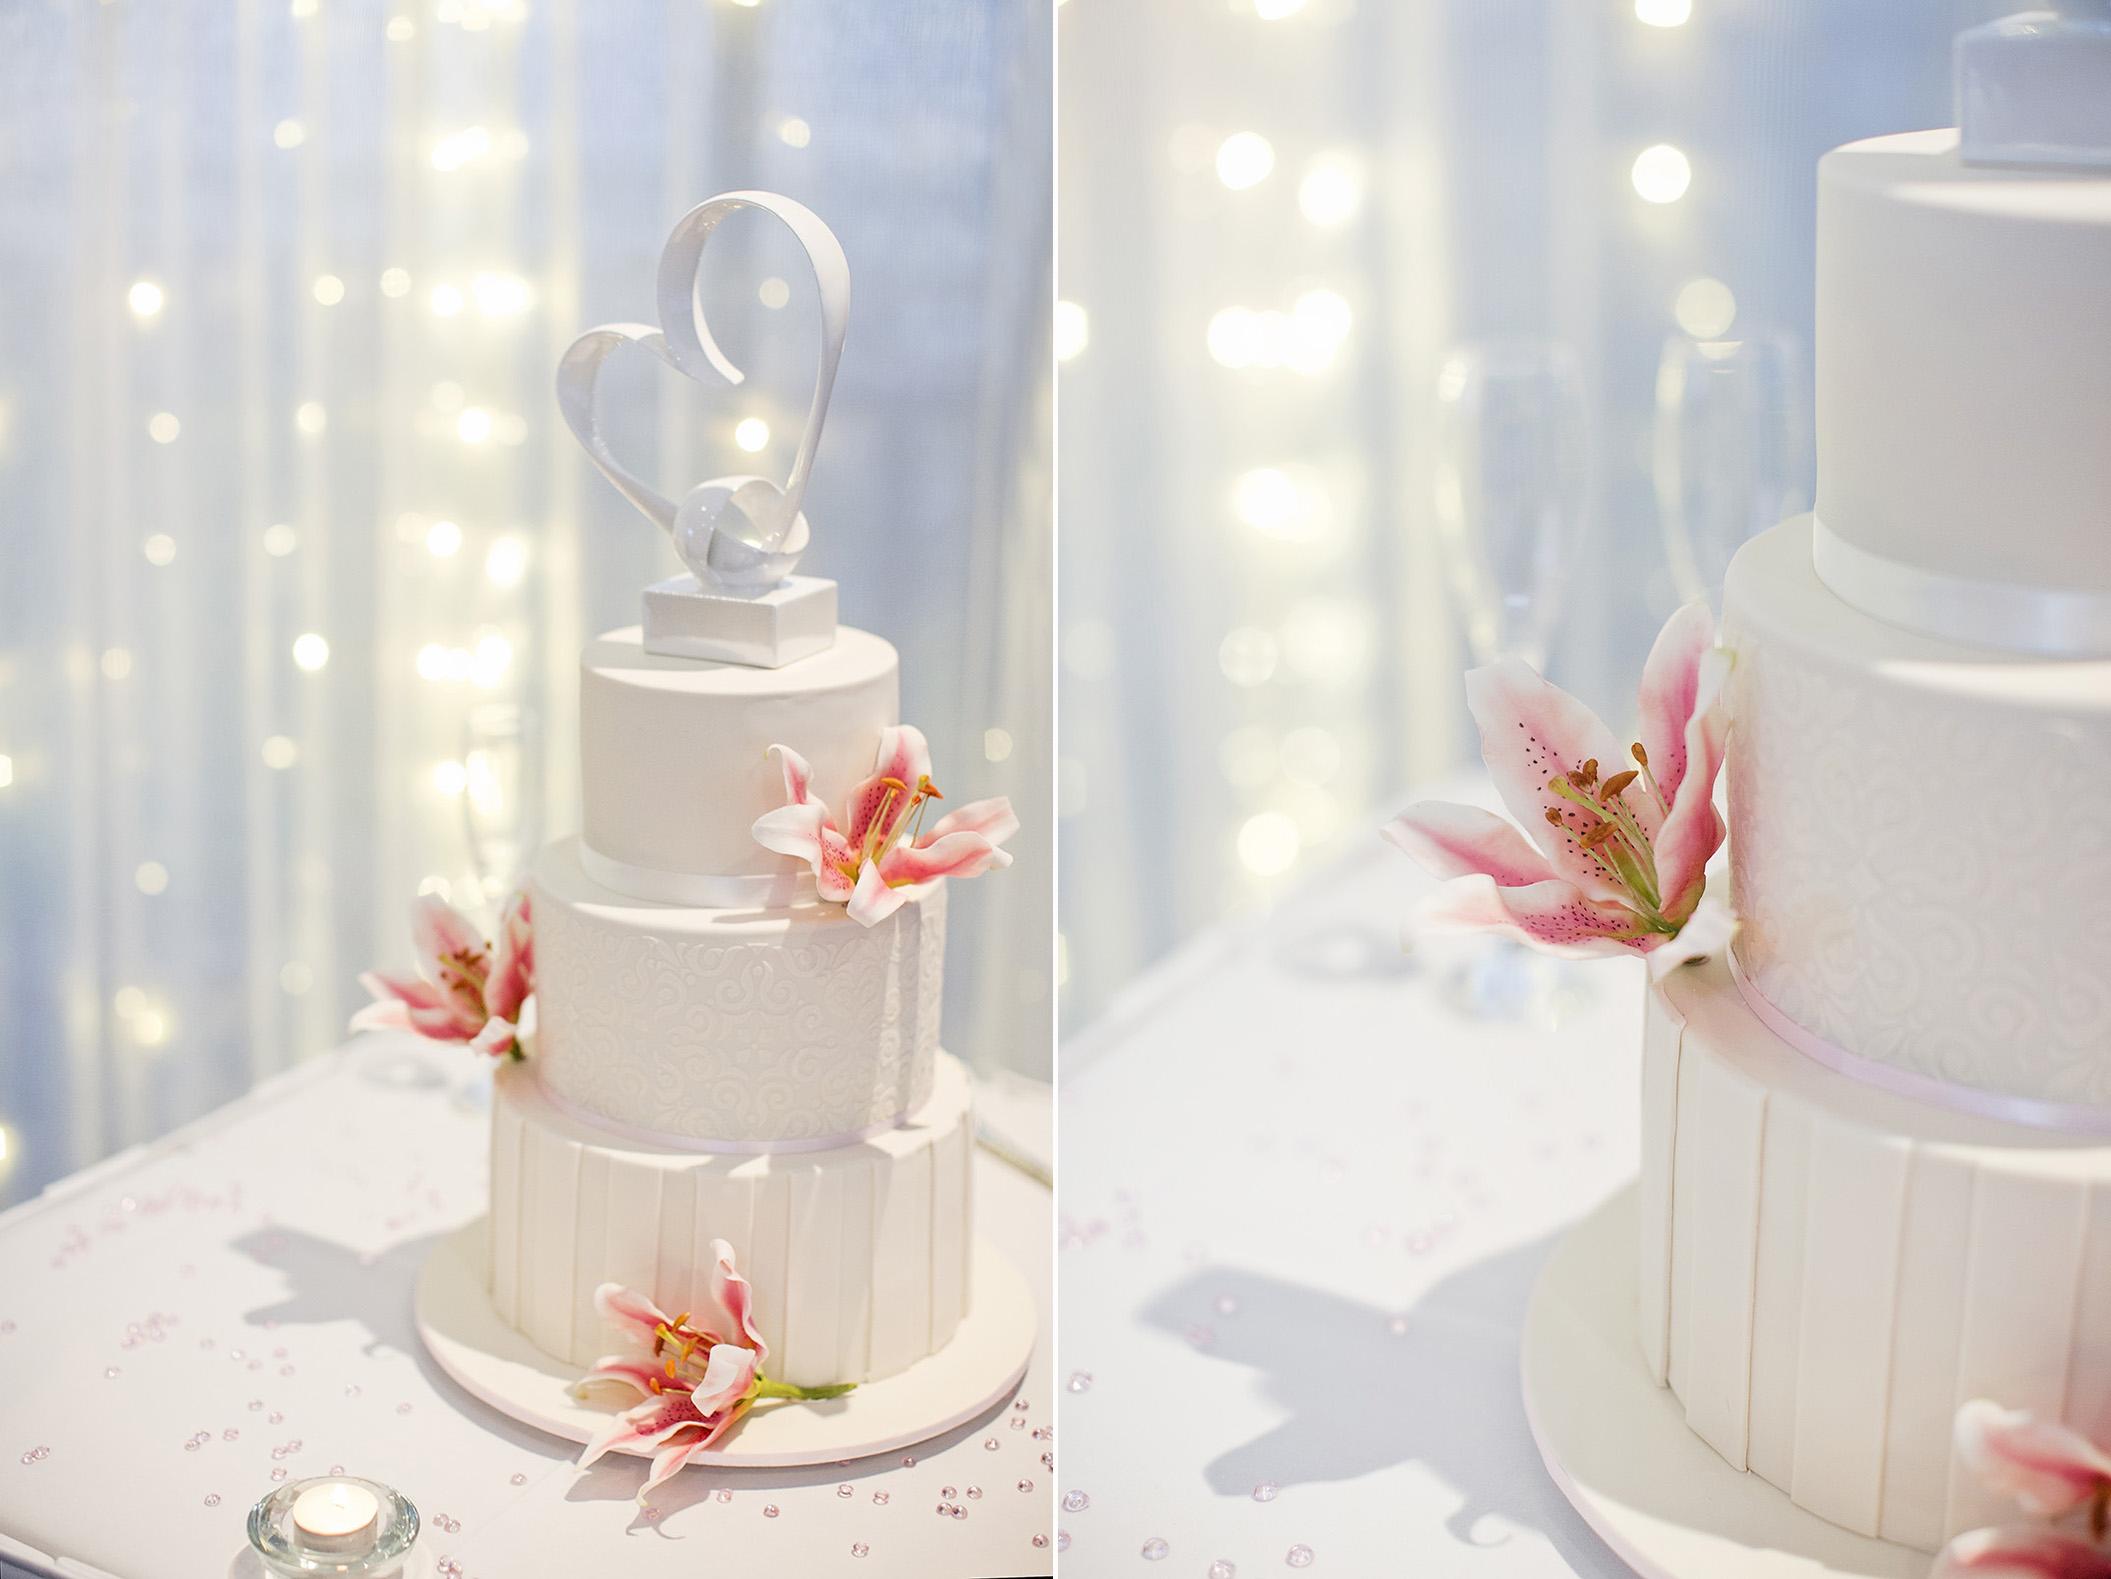 Adelaide Wedding Cake Fairy Lights.jpg